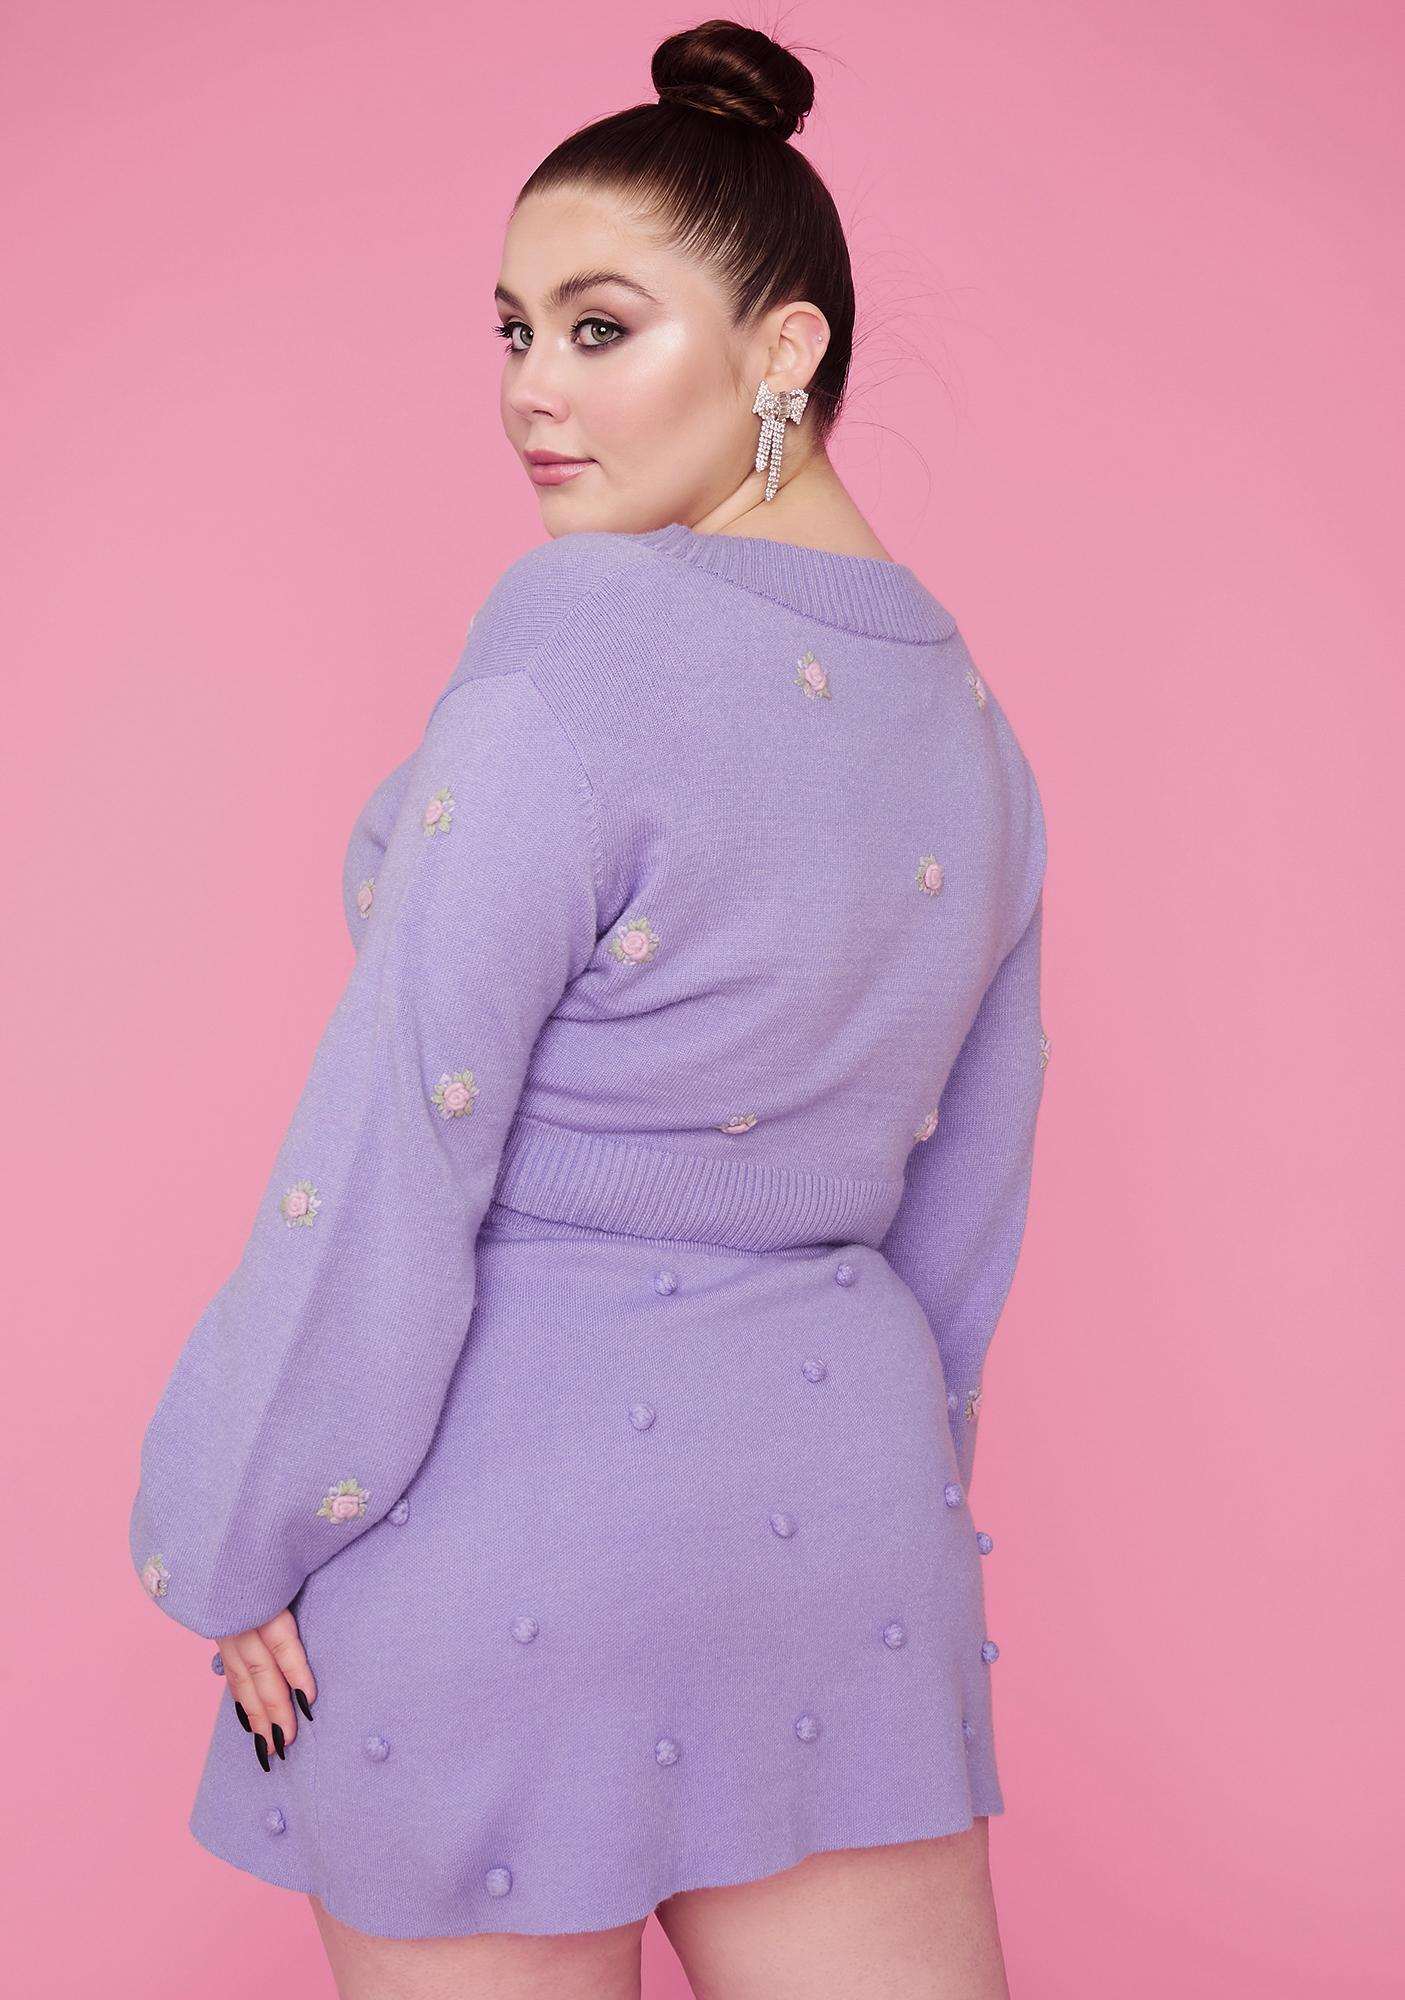 Sugar Thrillz Bb Dance With Me Pom Pom Sweater Skirt